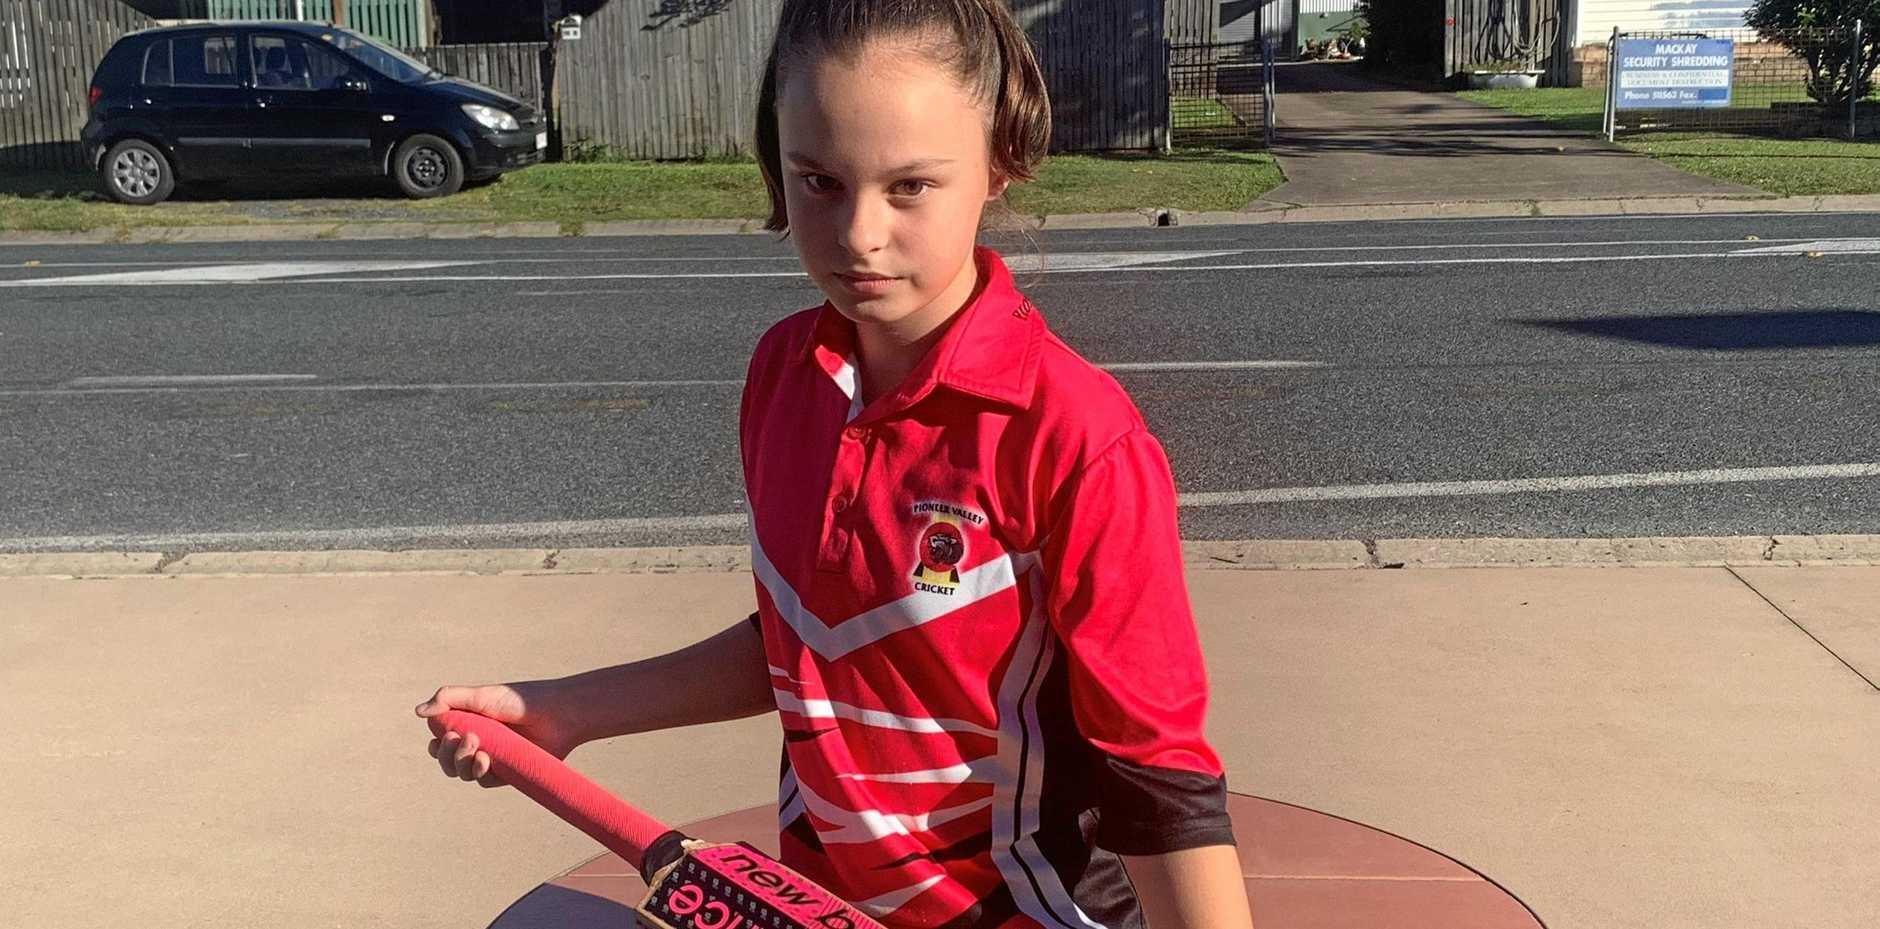 Pioneer Valley Cricket Club Heat Girls League player Eeden Thompson, 12.